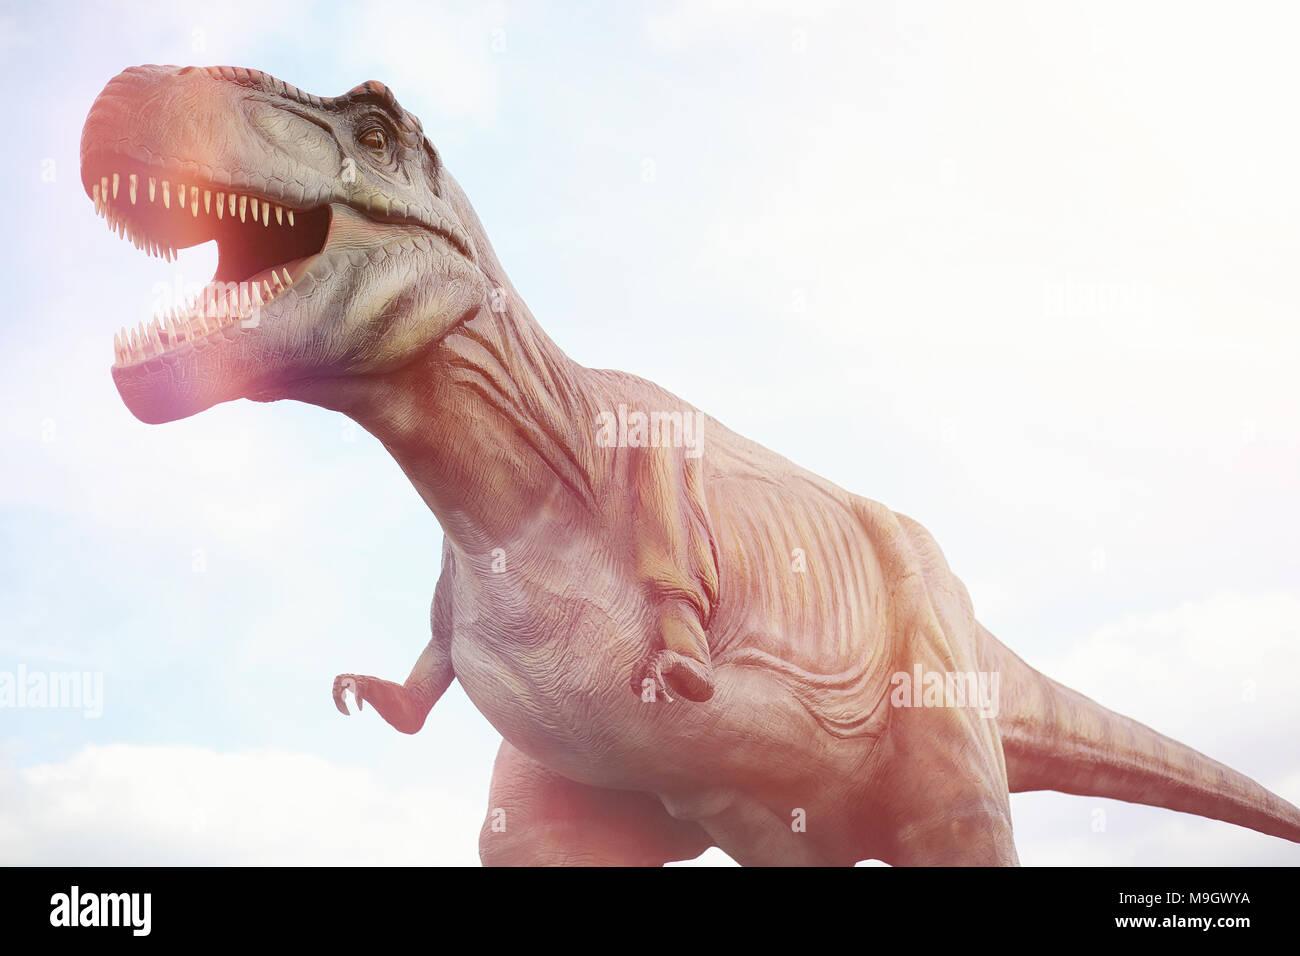 Parc de dinosaures. Un dinosaure sur le fond de la nature. Toy d Banque D'Images